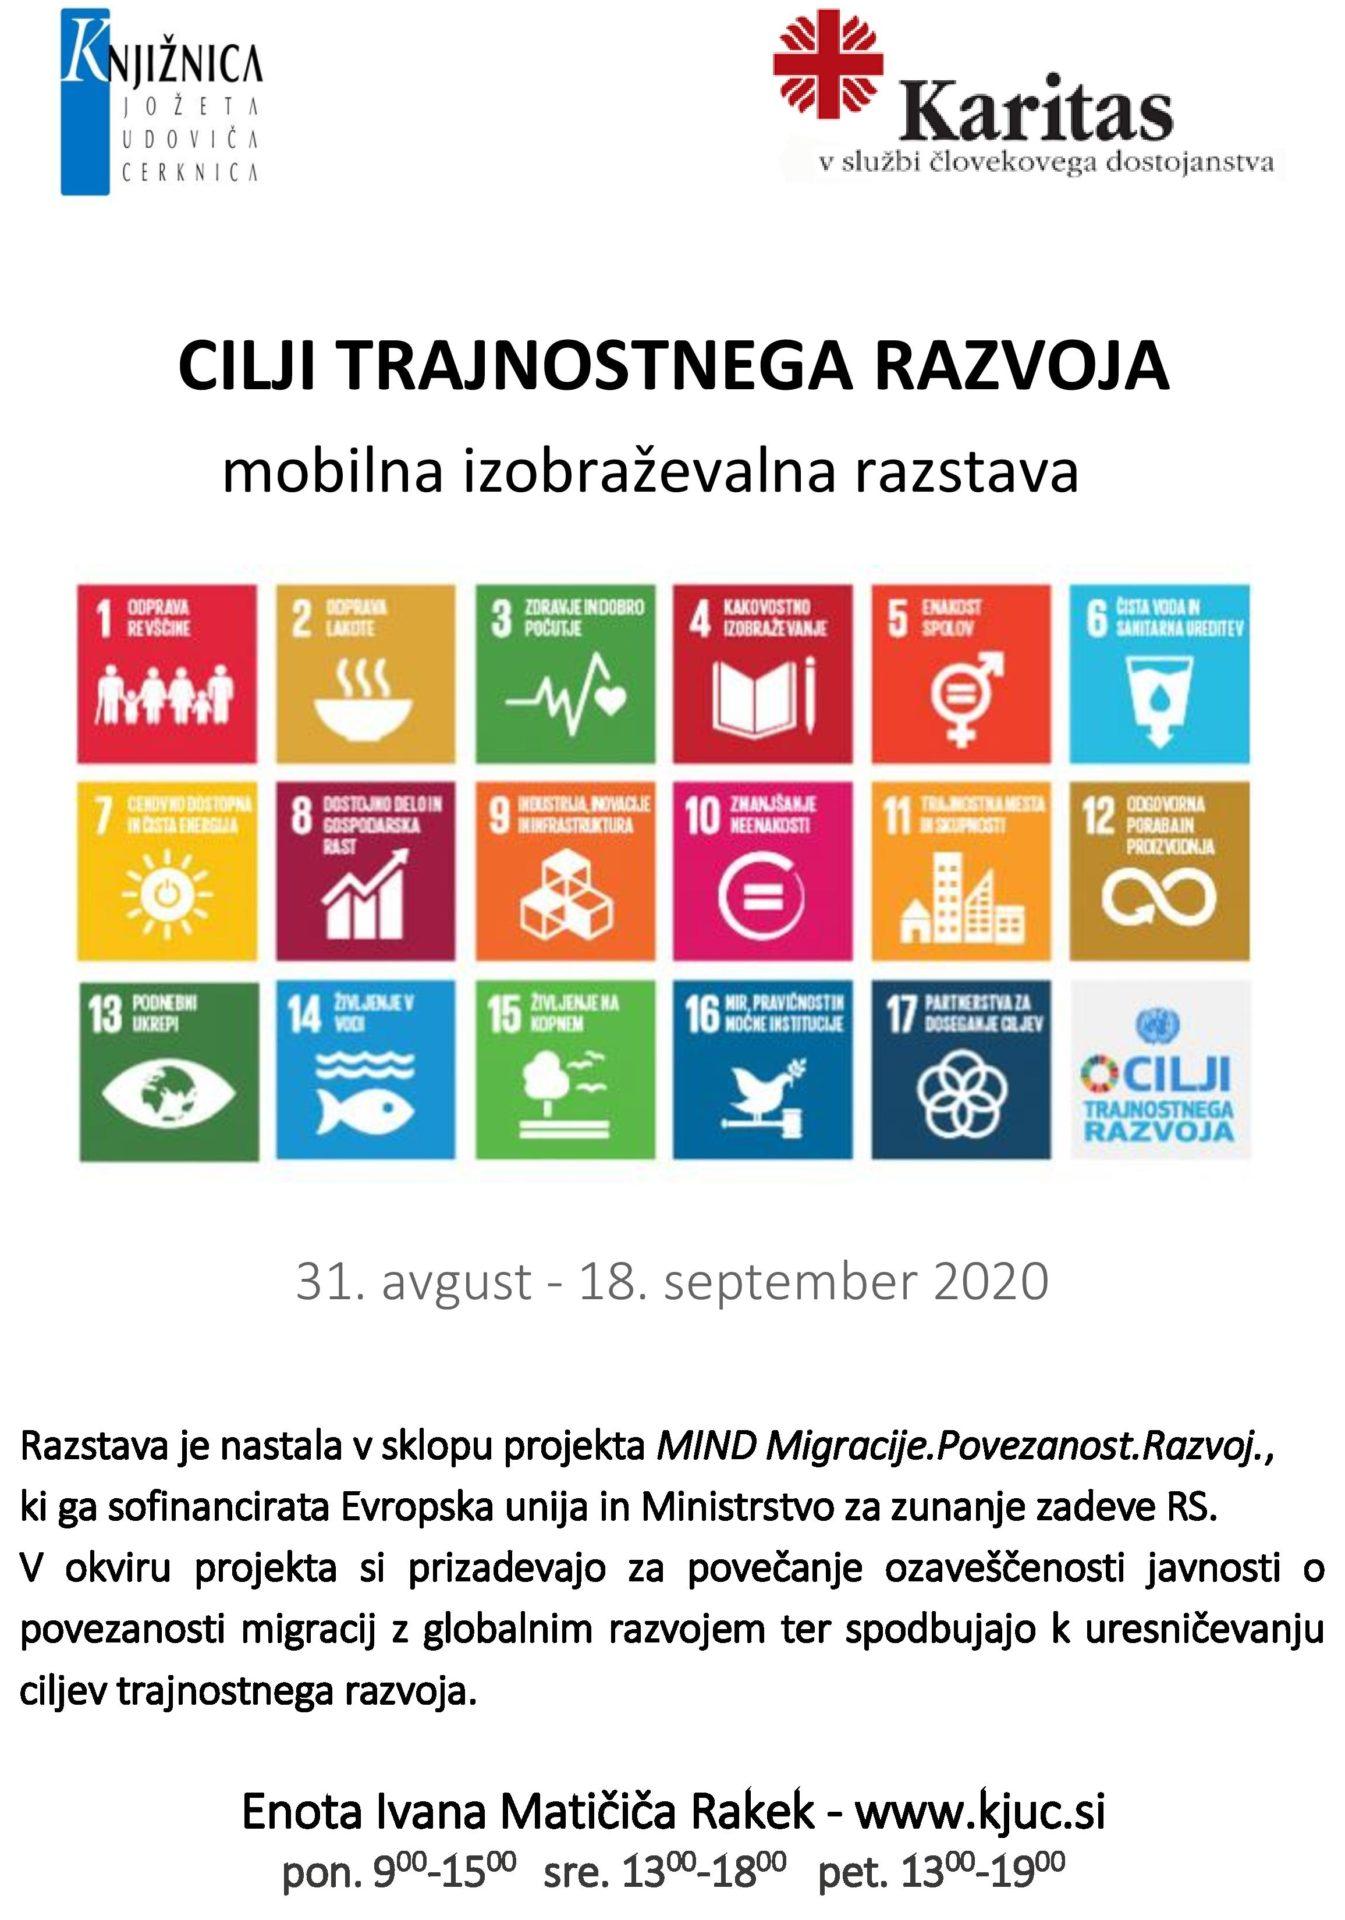 cover - Cilji trajnostnega razvoja - mobilna izobraževalna razstava